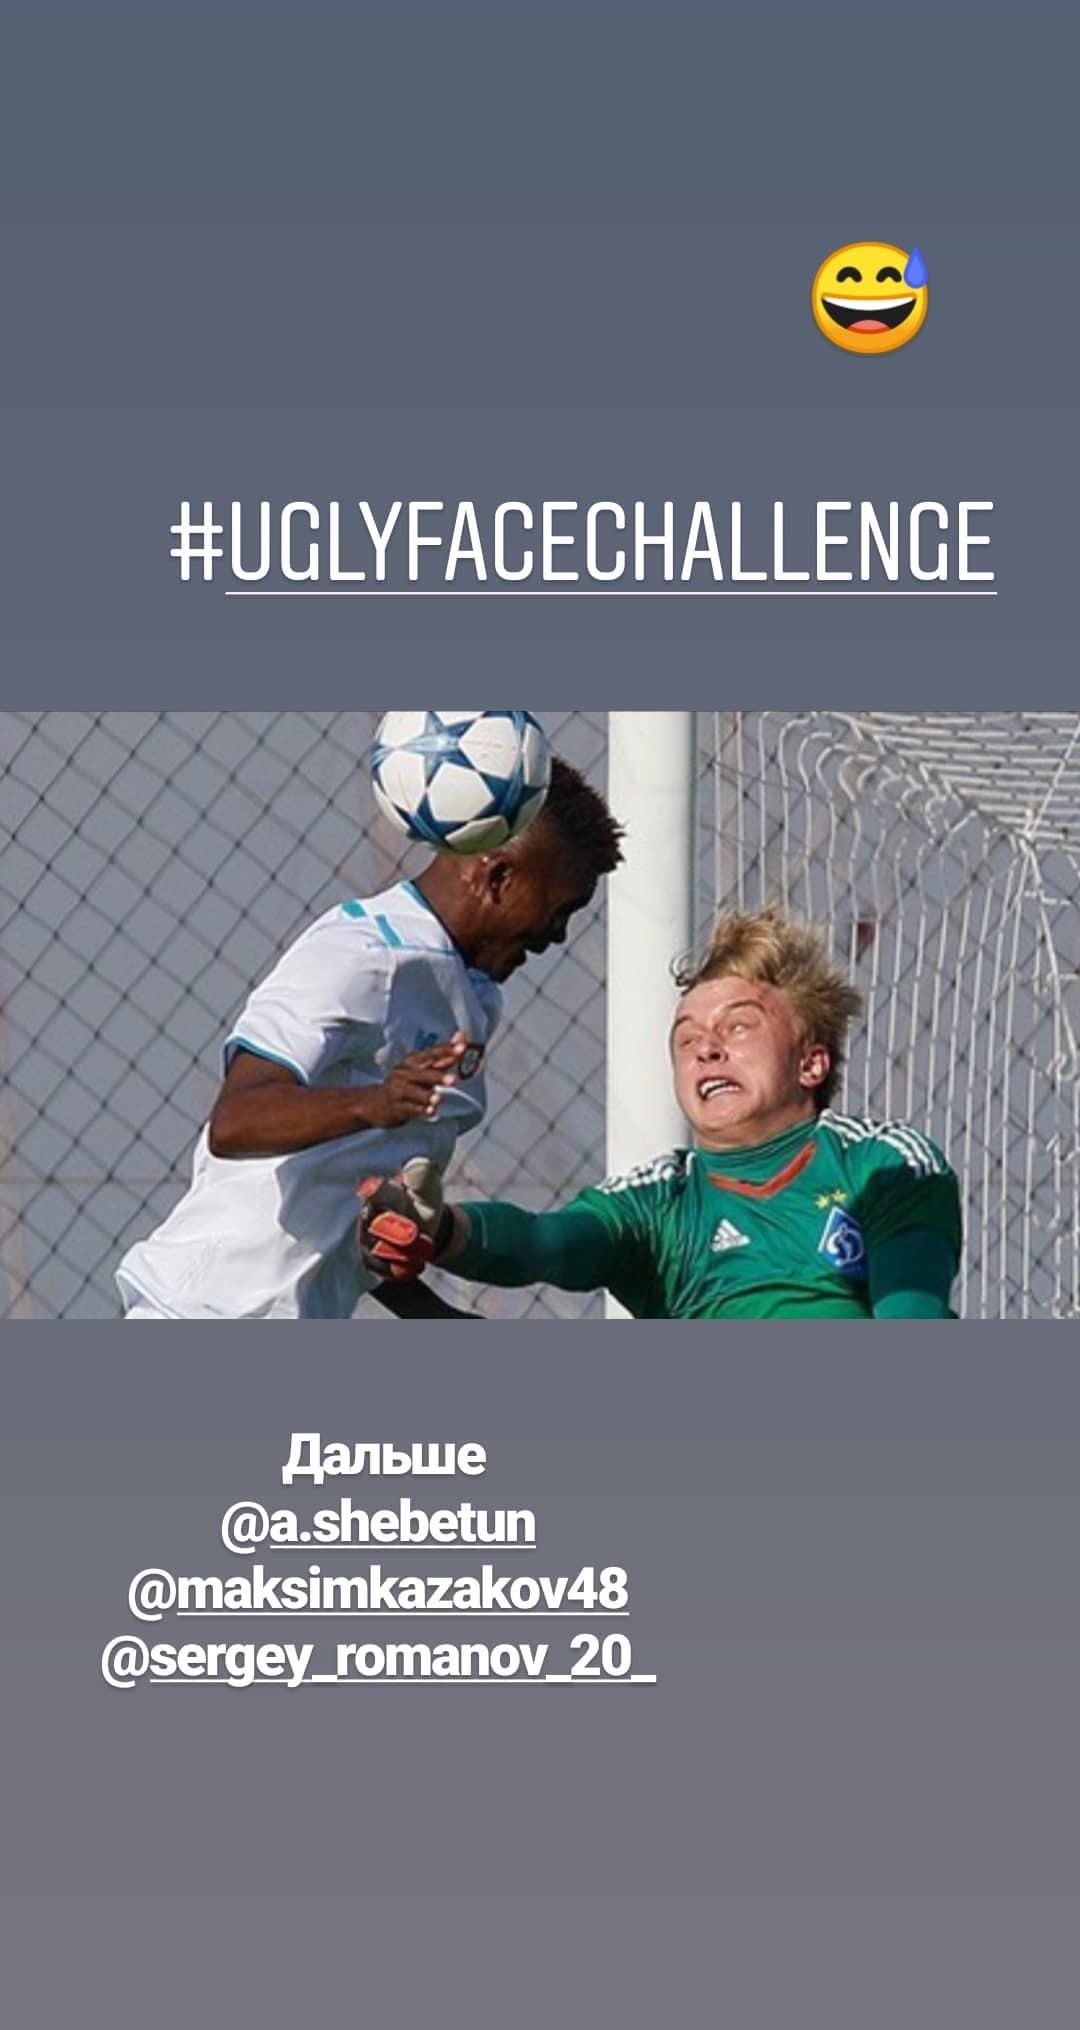 #Uglyfacechallange: украинский вектор челленджа (Фото) - изображение 16